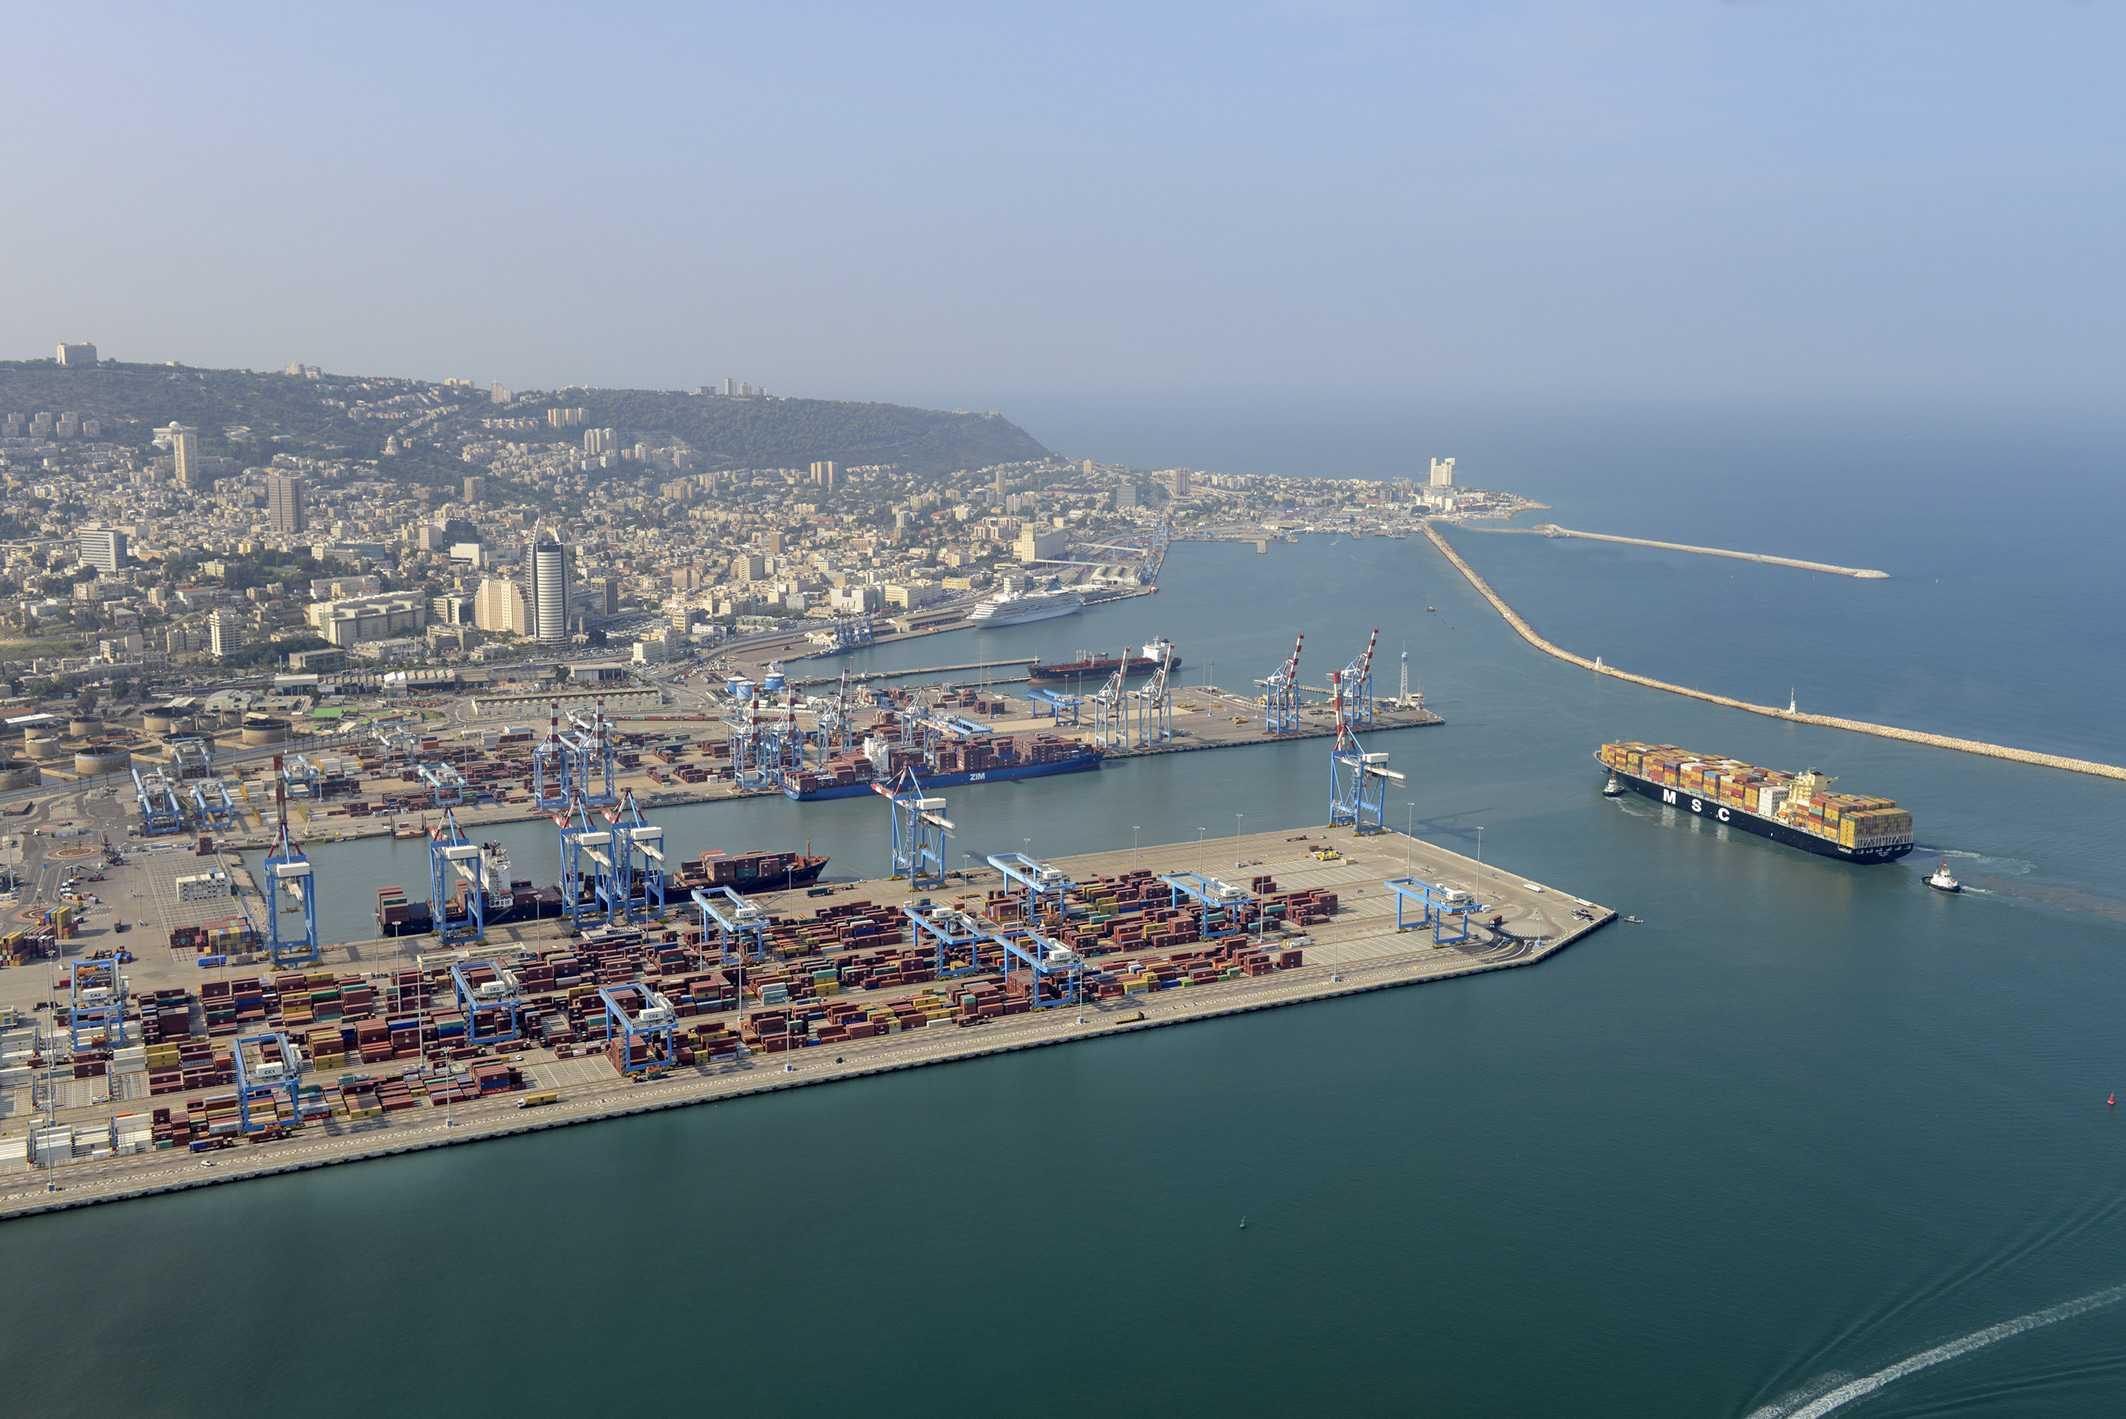 אוניות הובלה בנמל חיפה